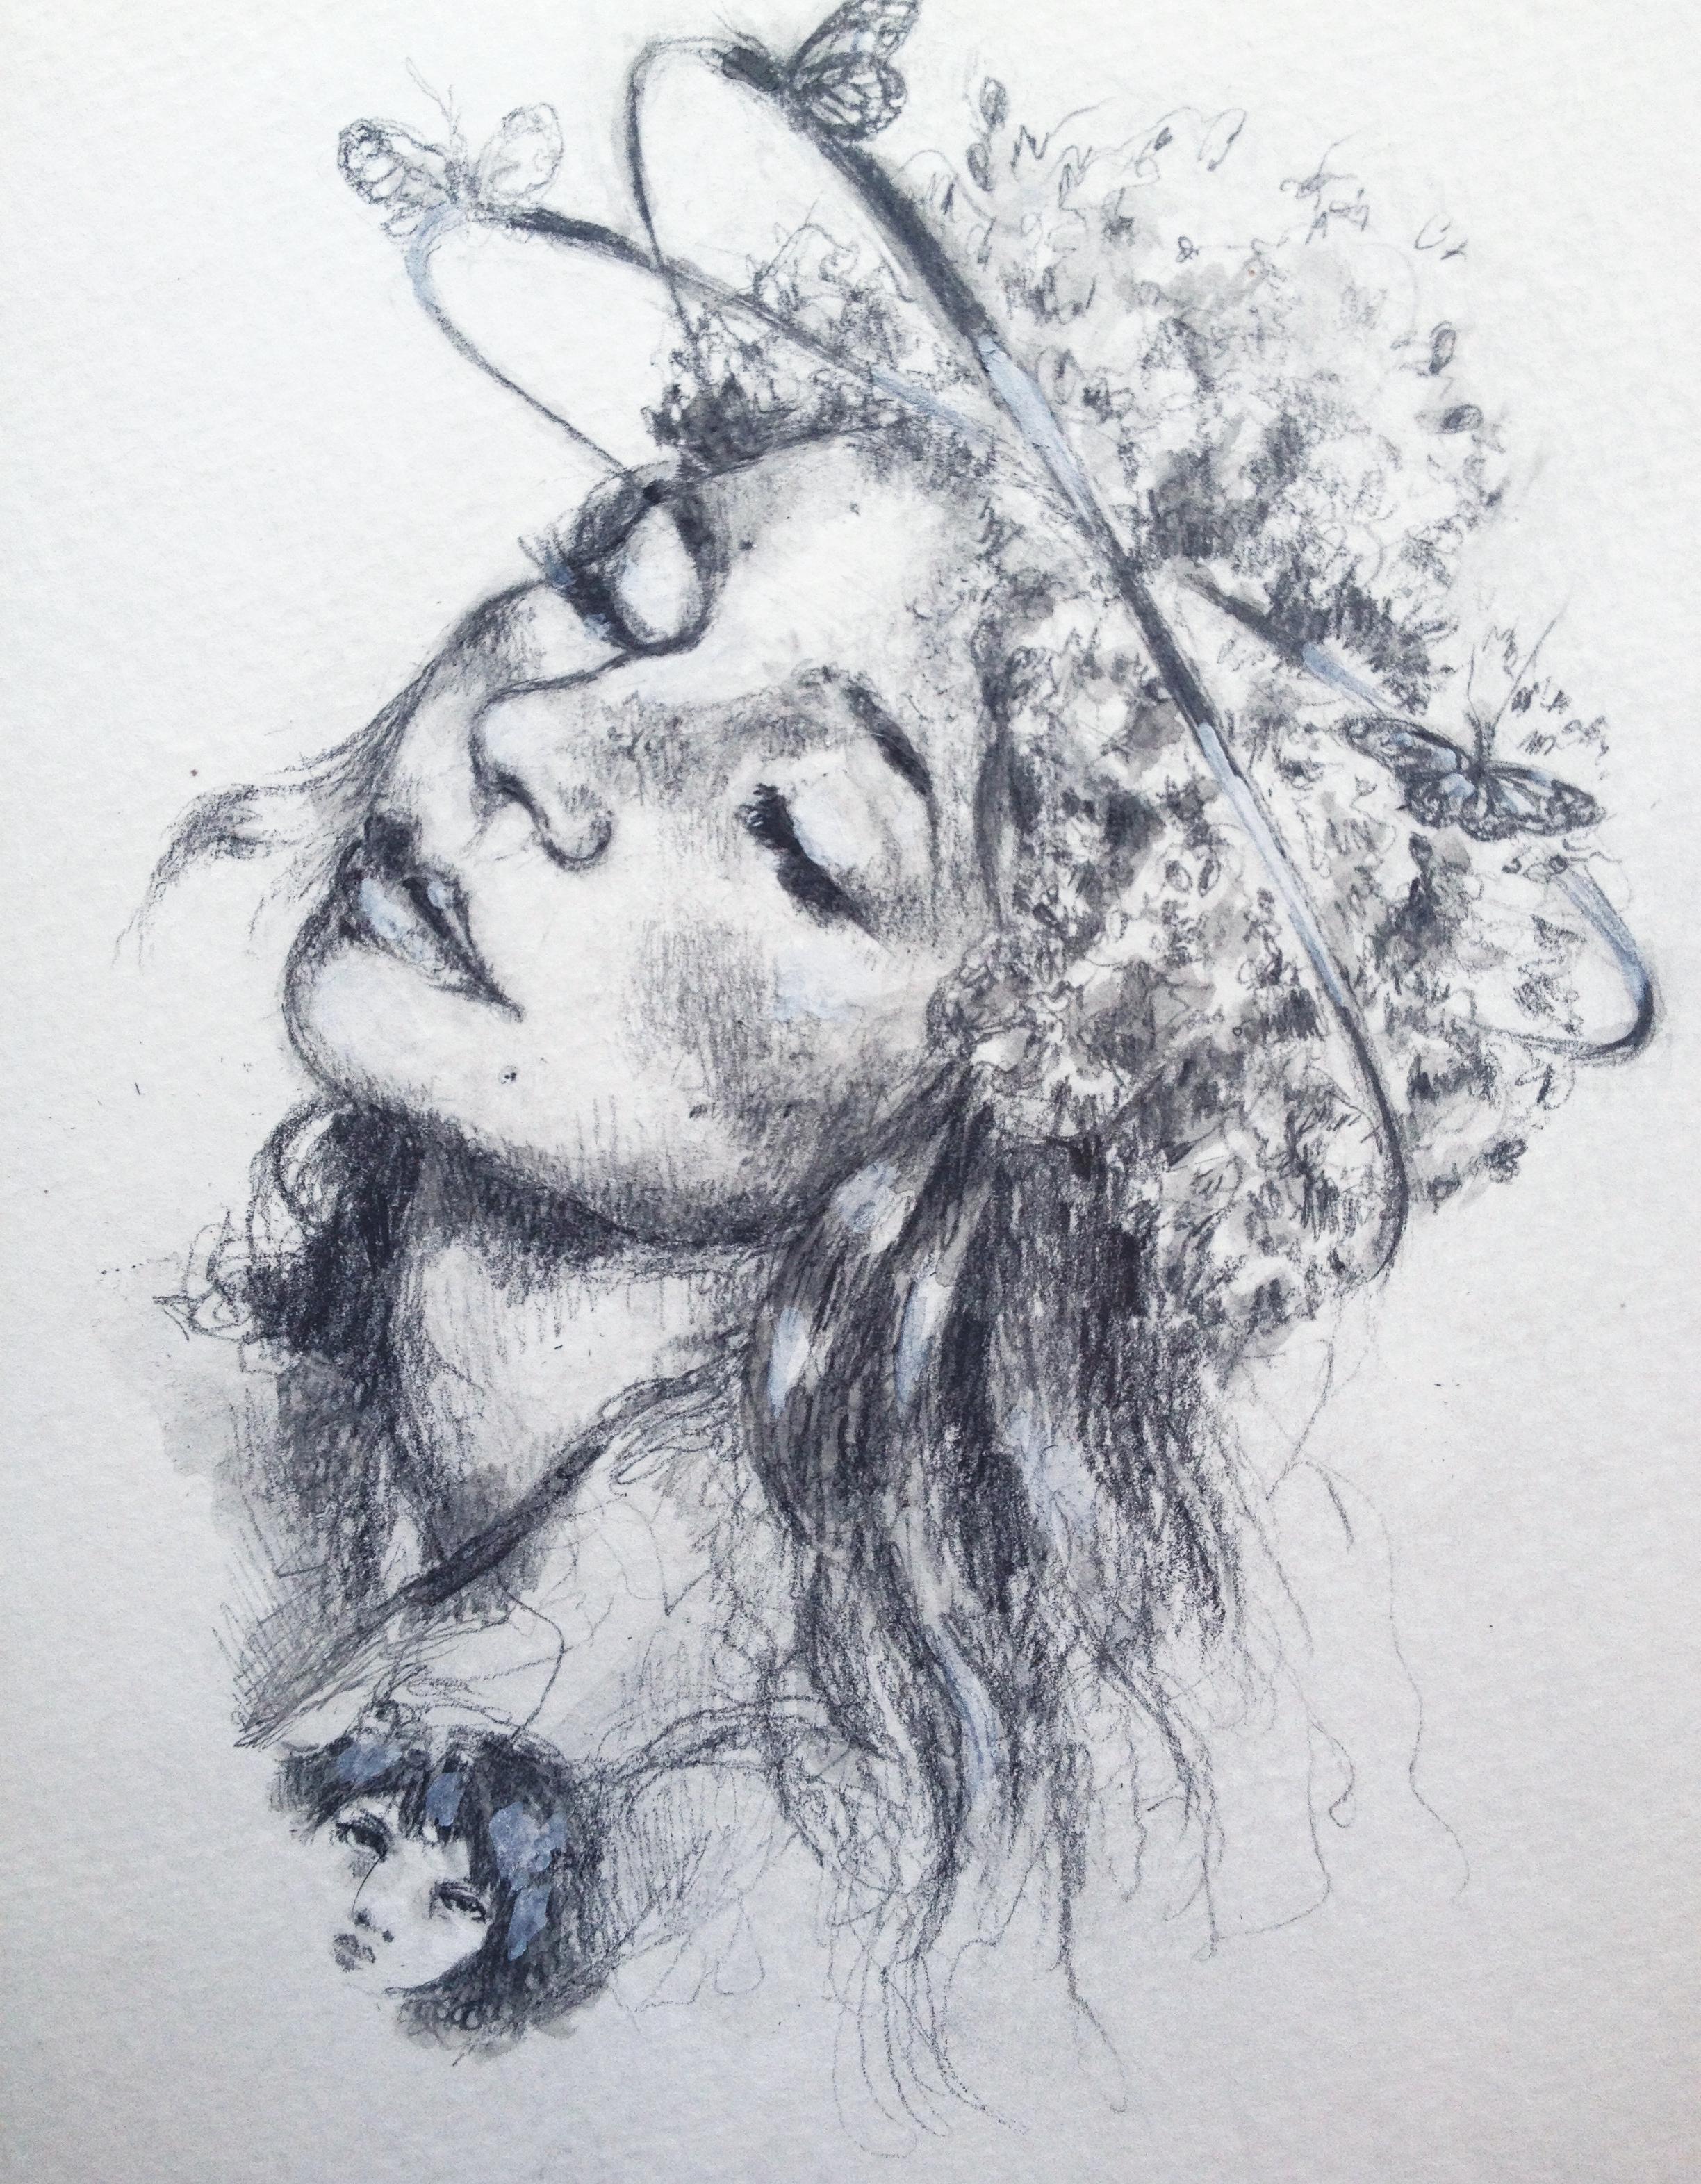 Milkweed sketch copy.jpg